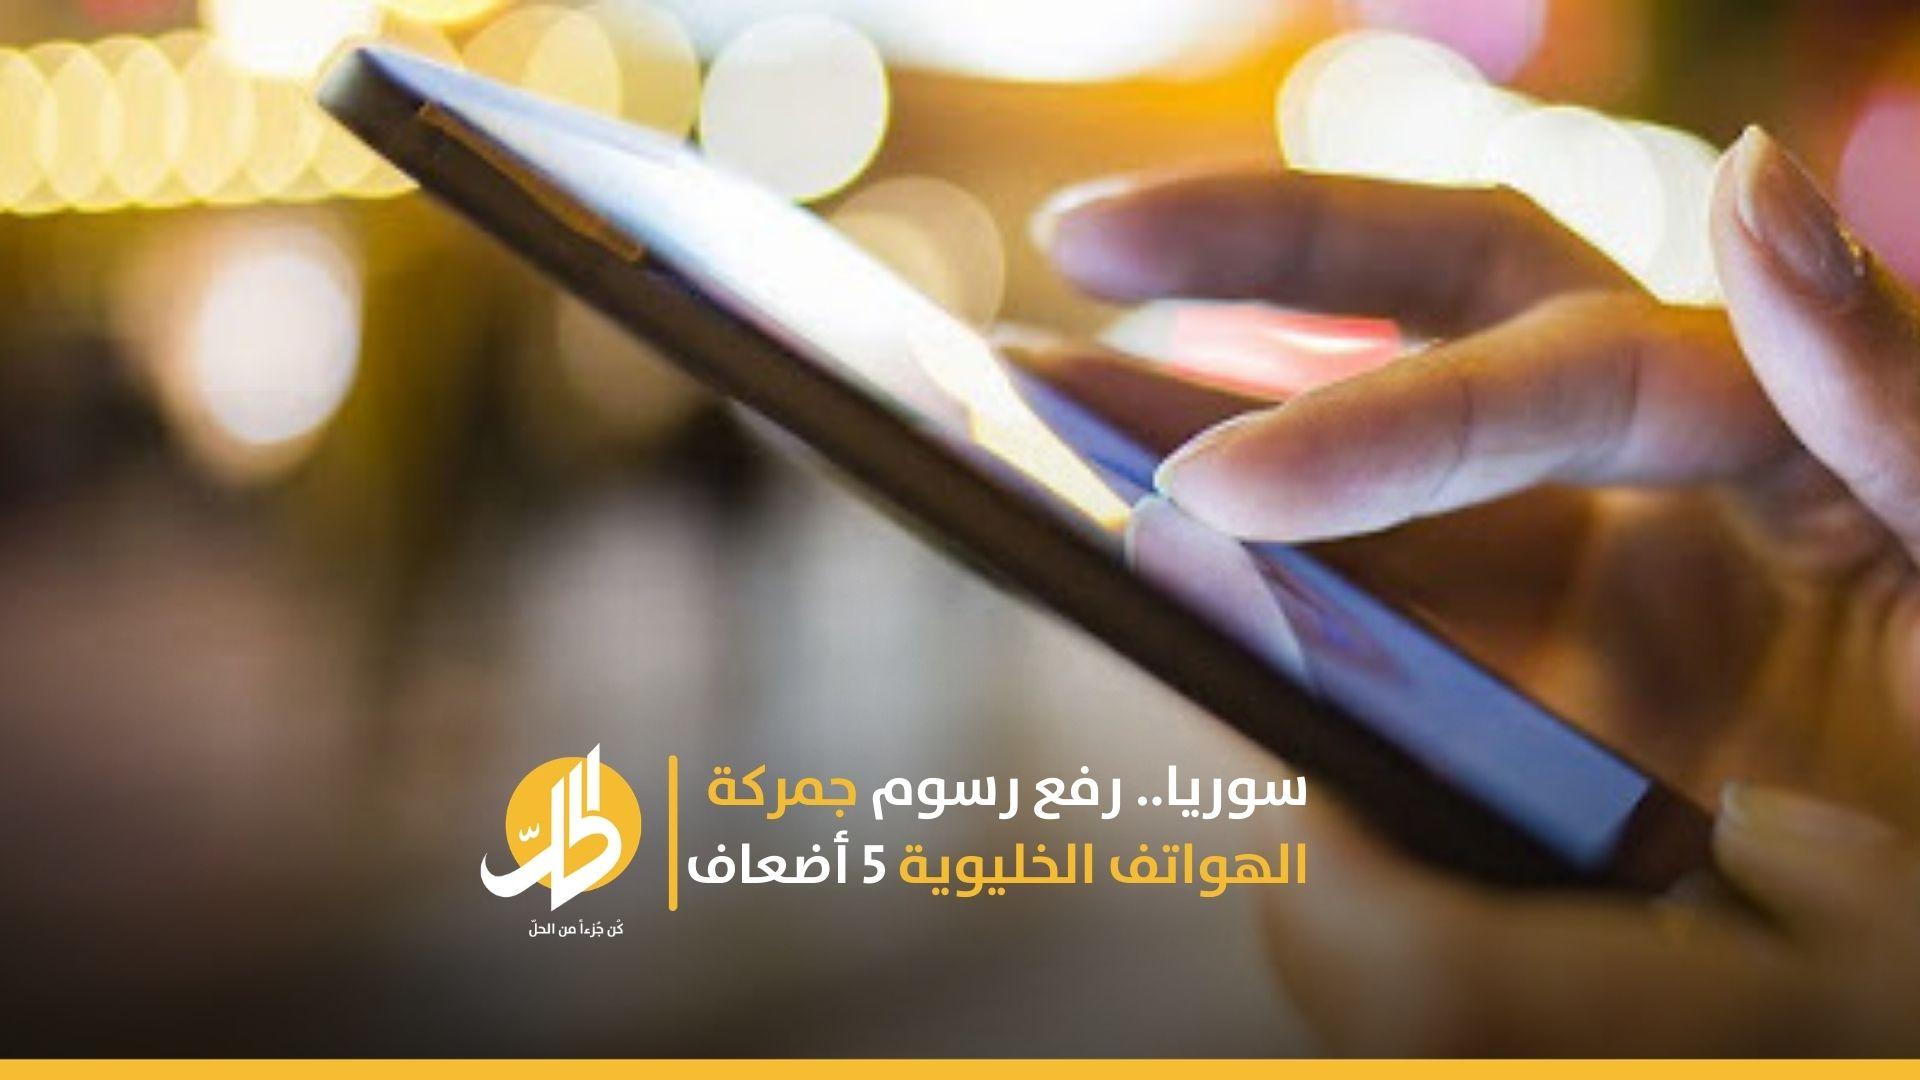 سوريا.. رفع رسوم جمركة الهواتف الخليوية 5 أضعاف